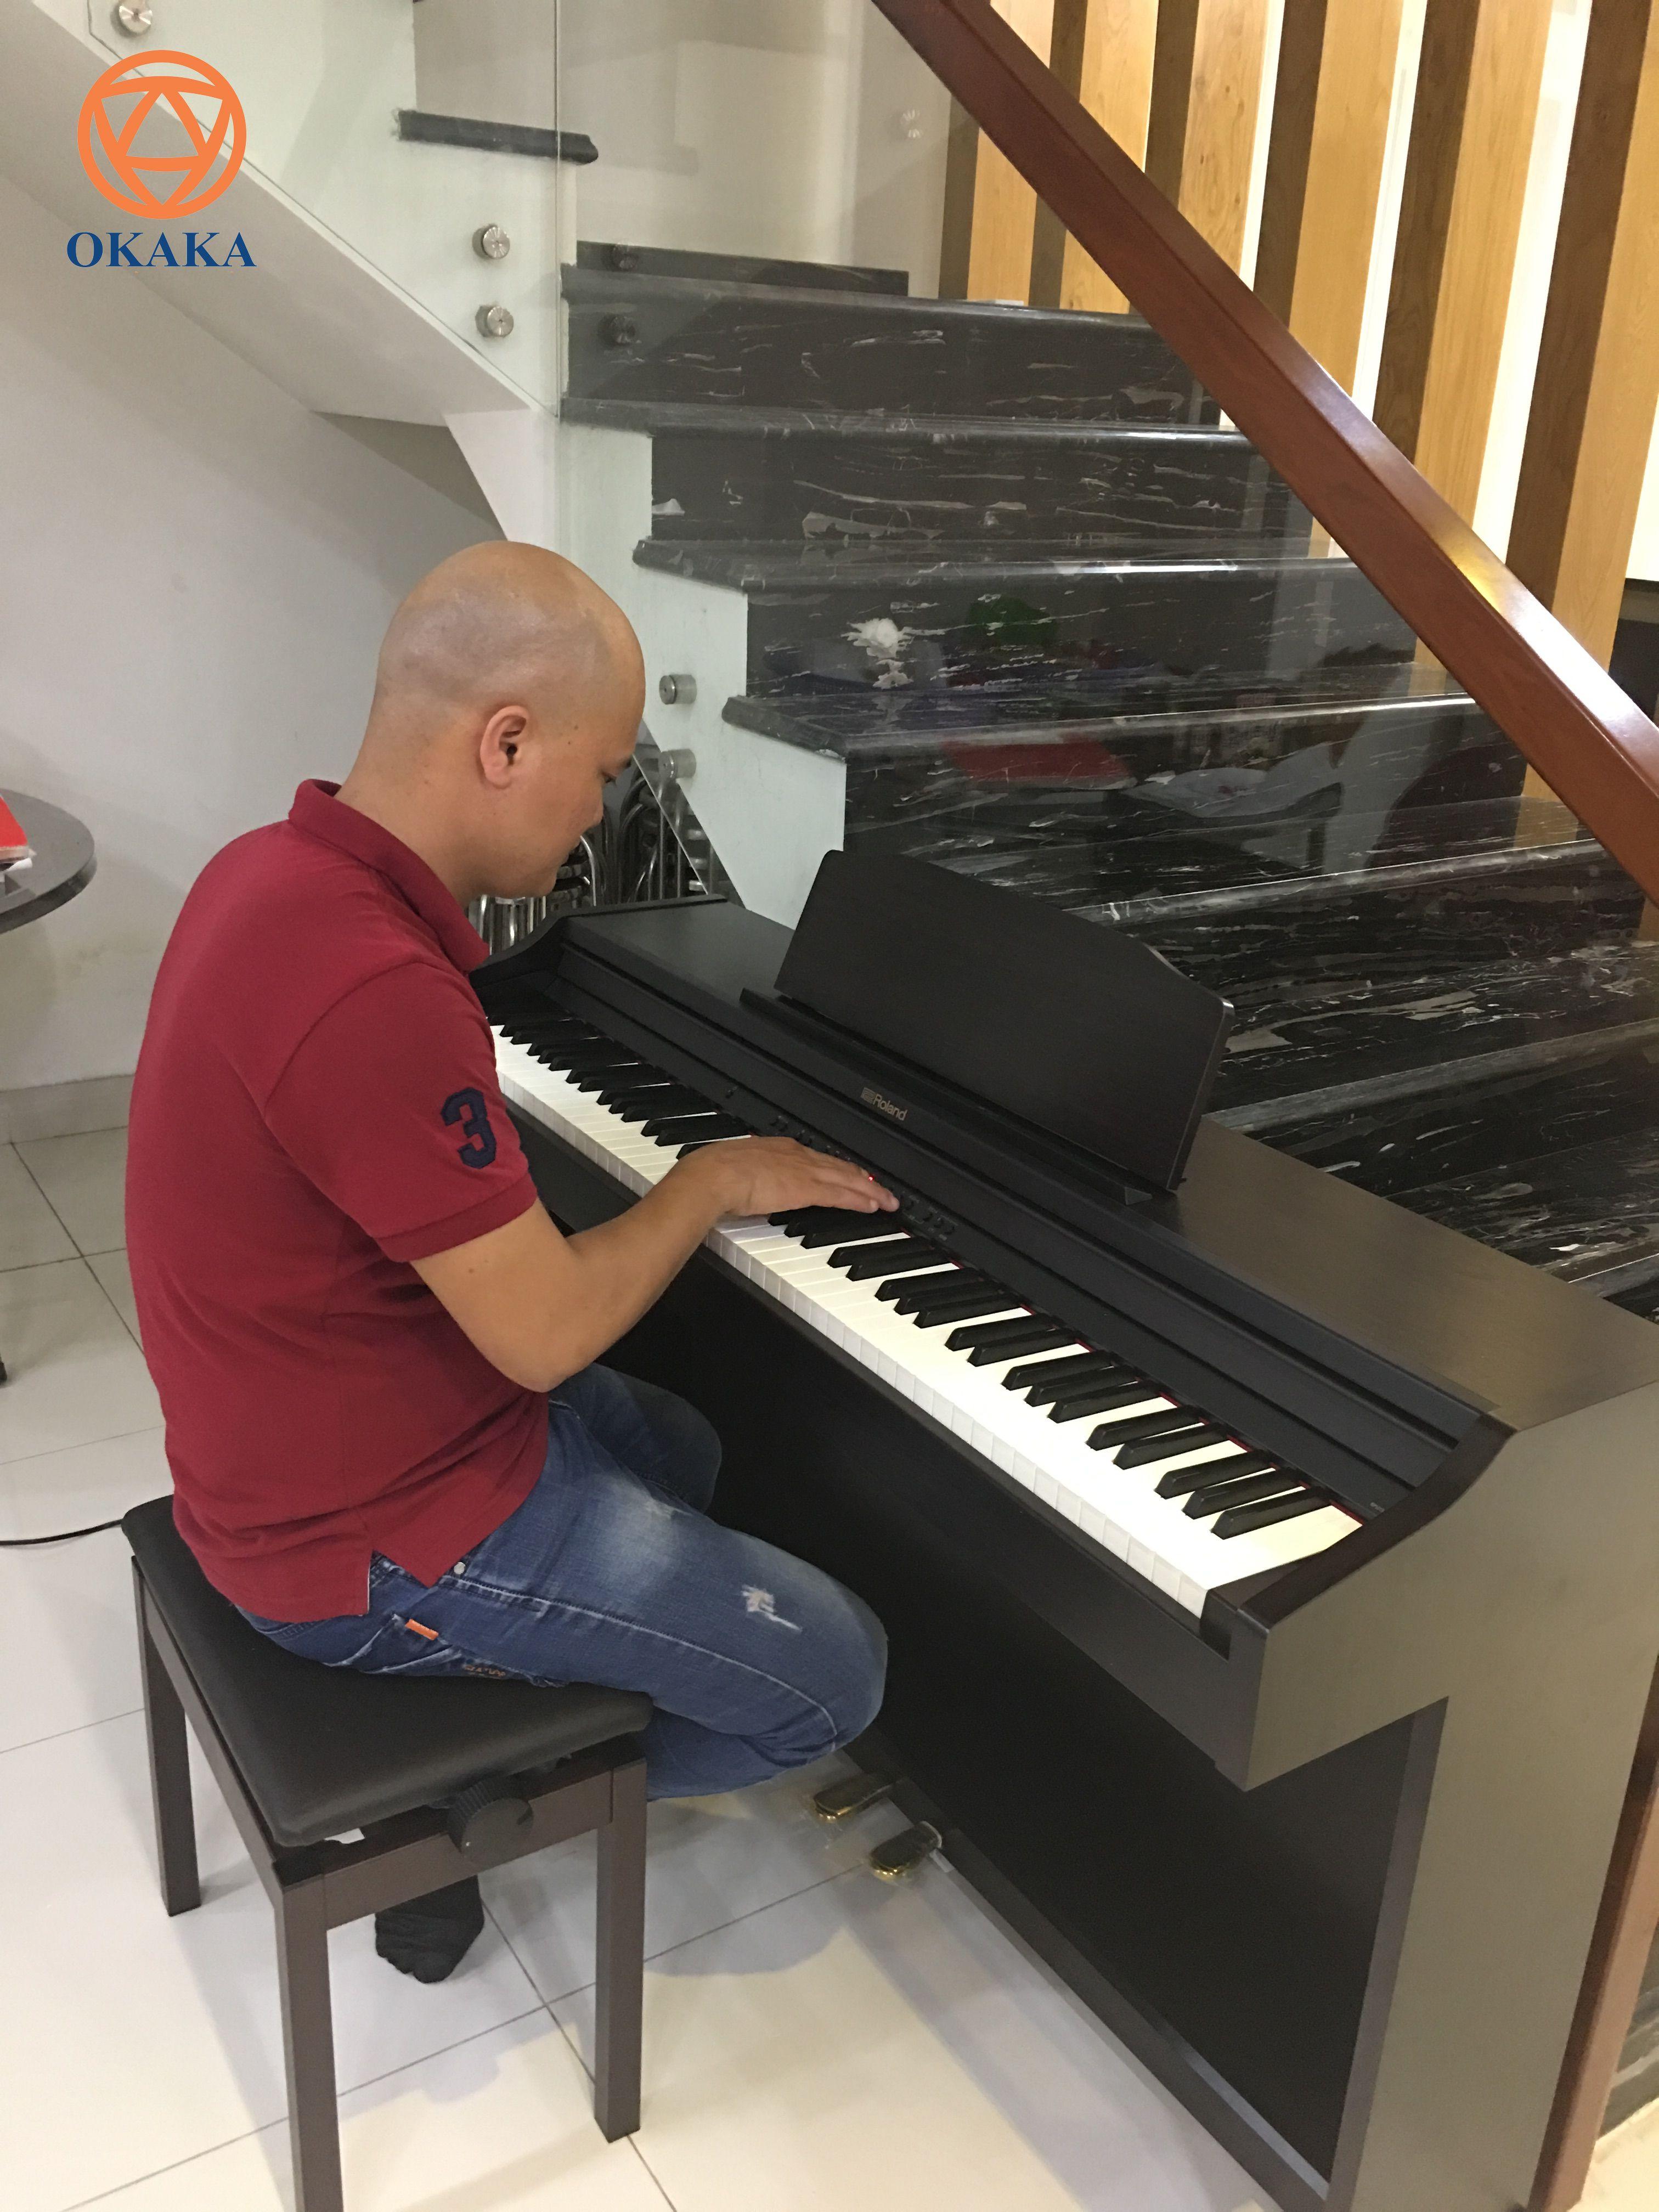 Đàn piano điện Roland RP-501R với hai màu đen trắng để bạn chọn cung cấp rất nhiều tính năng vượt trội, mang lại âm thanh tuyệt vời ở một mức giá rất hợp lý. Cùng OKAKA điểm danh xem model này có gì hấp dẫn bằng cách đọc bài review đàn piano điện Roland RP-501R sau nhé!